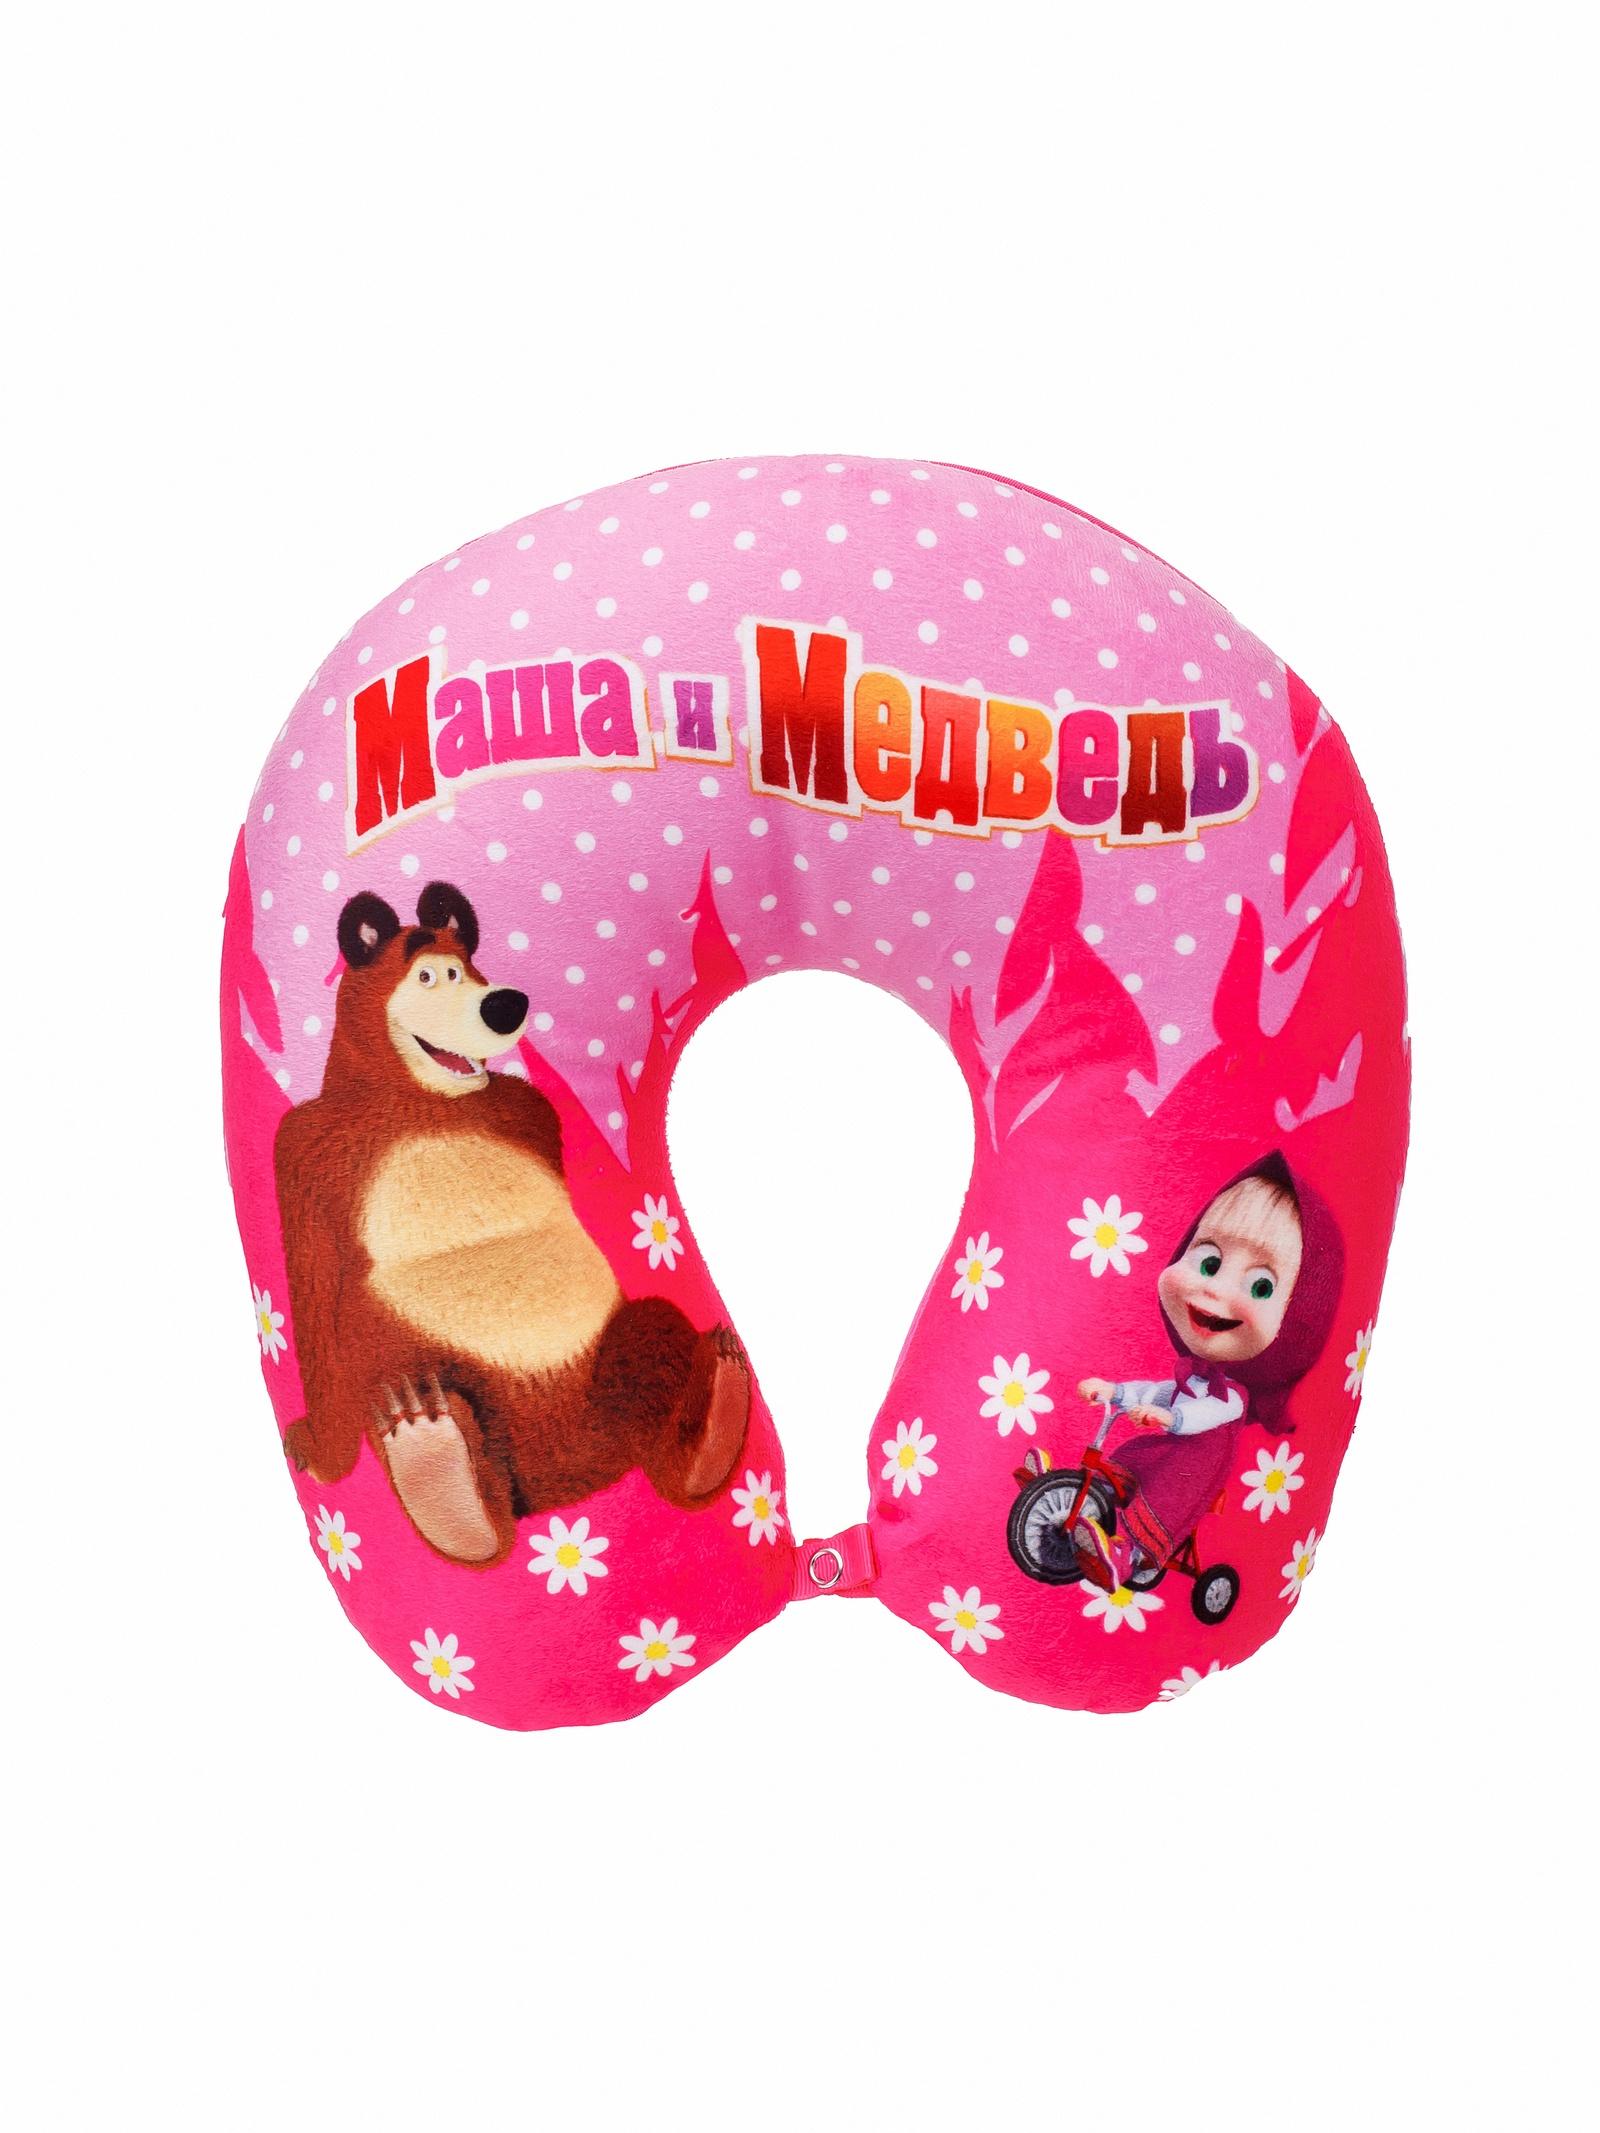 Мягкая игрушка СмолТойс Игрушка-подушка Наплечник Маша и Медведь В29, 4168/РЗ/29 розовый